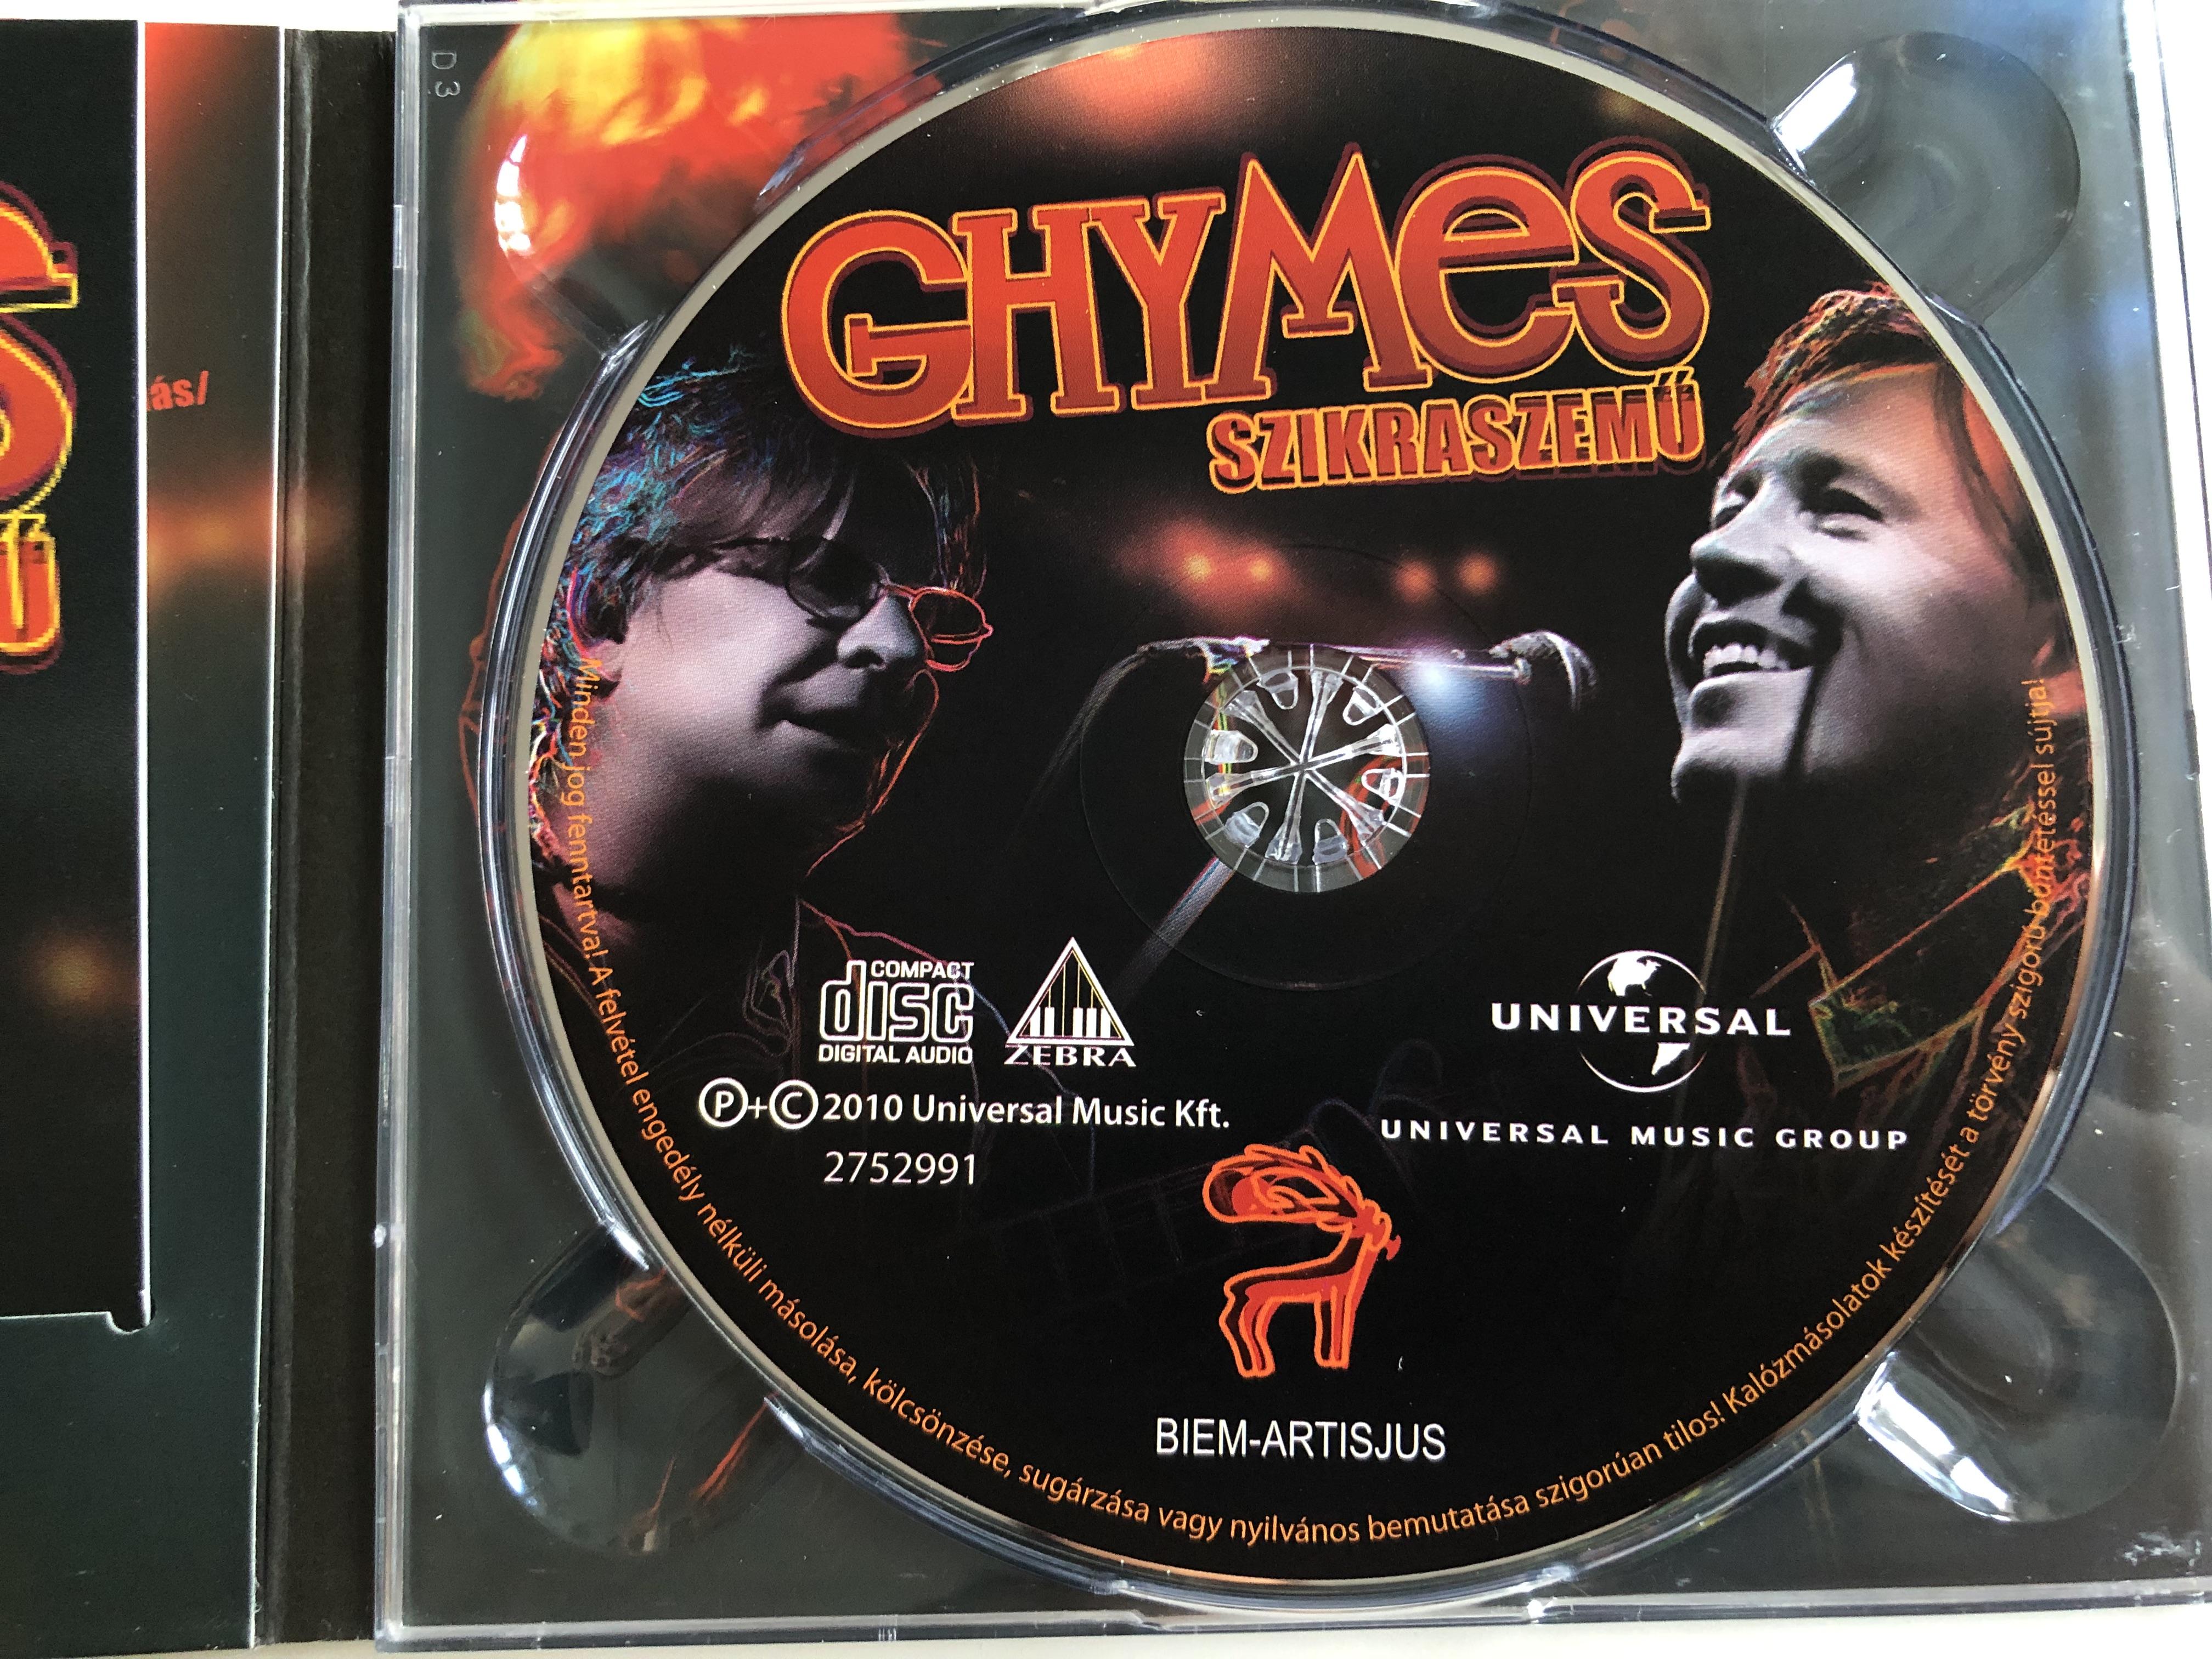 -ghymes-szikraszem-spark-eyed-audio-cd-2010-musical-directors-szarka-tam-s-szarka-gyula-universal-music-kft-2-.jpg